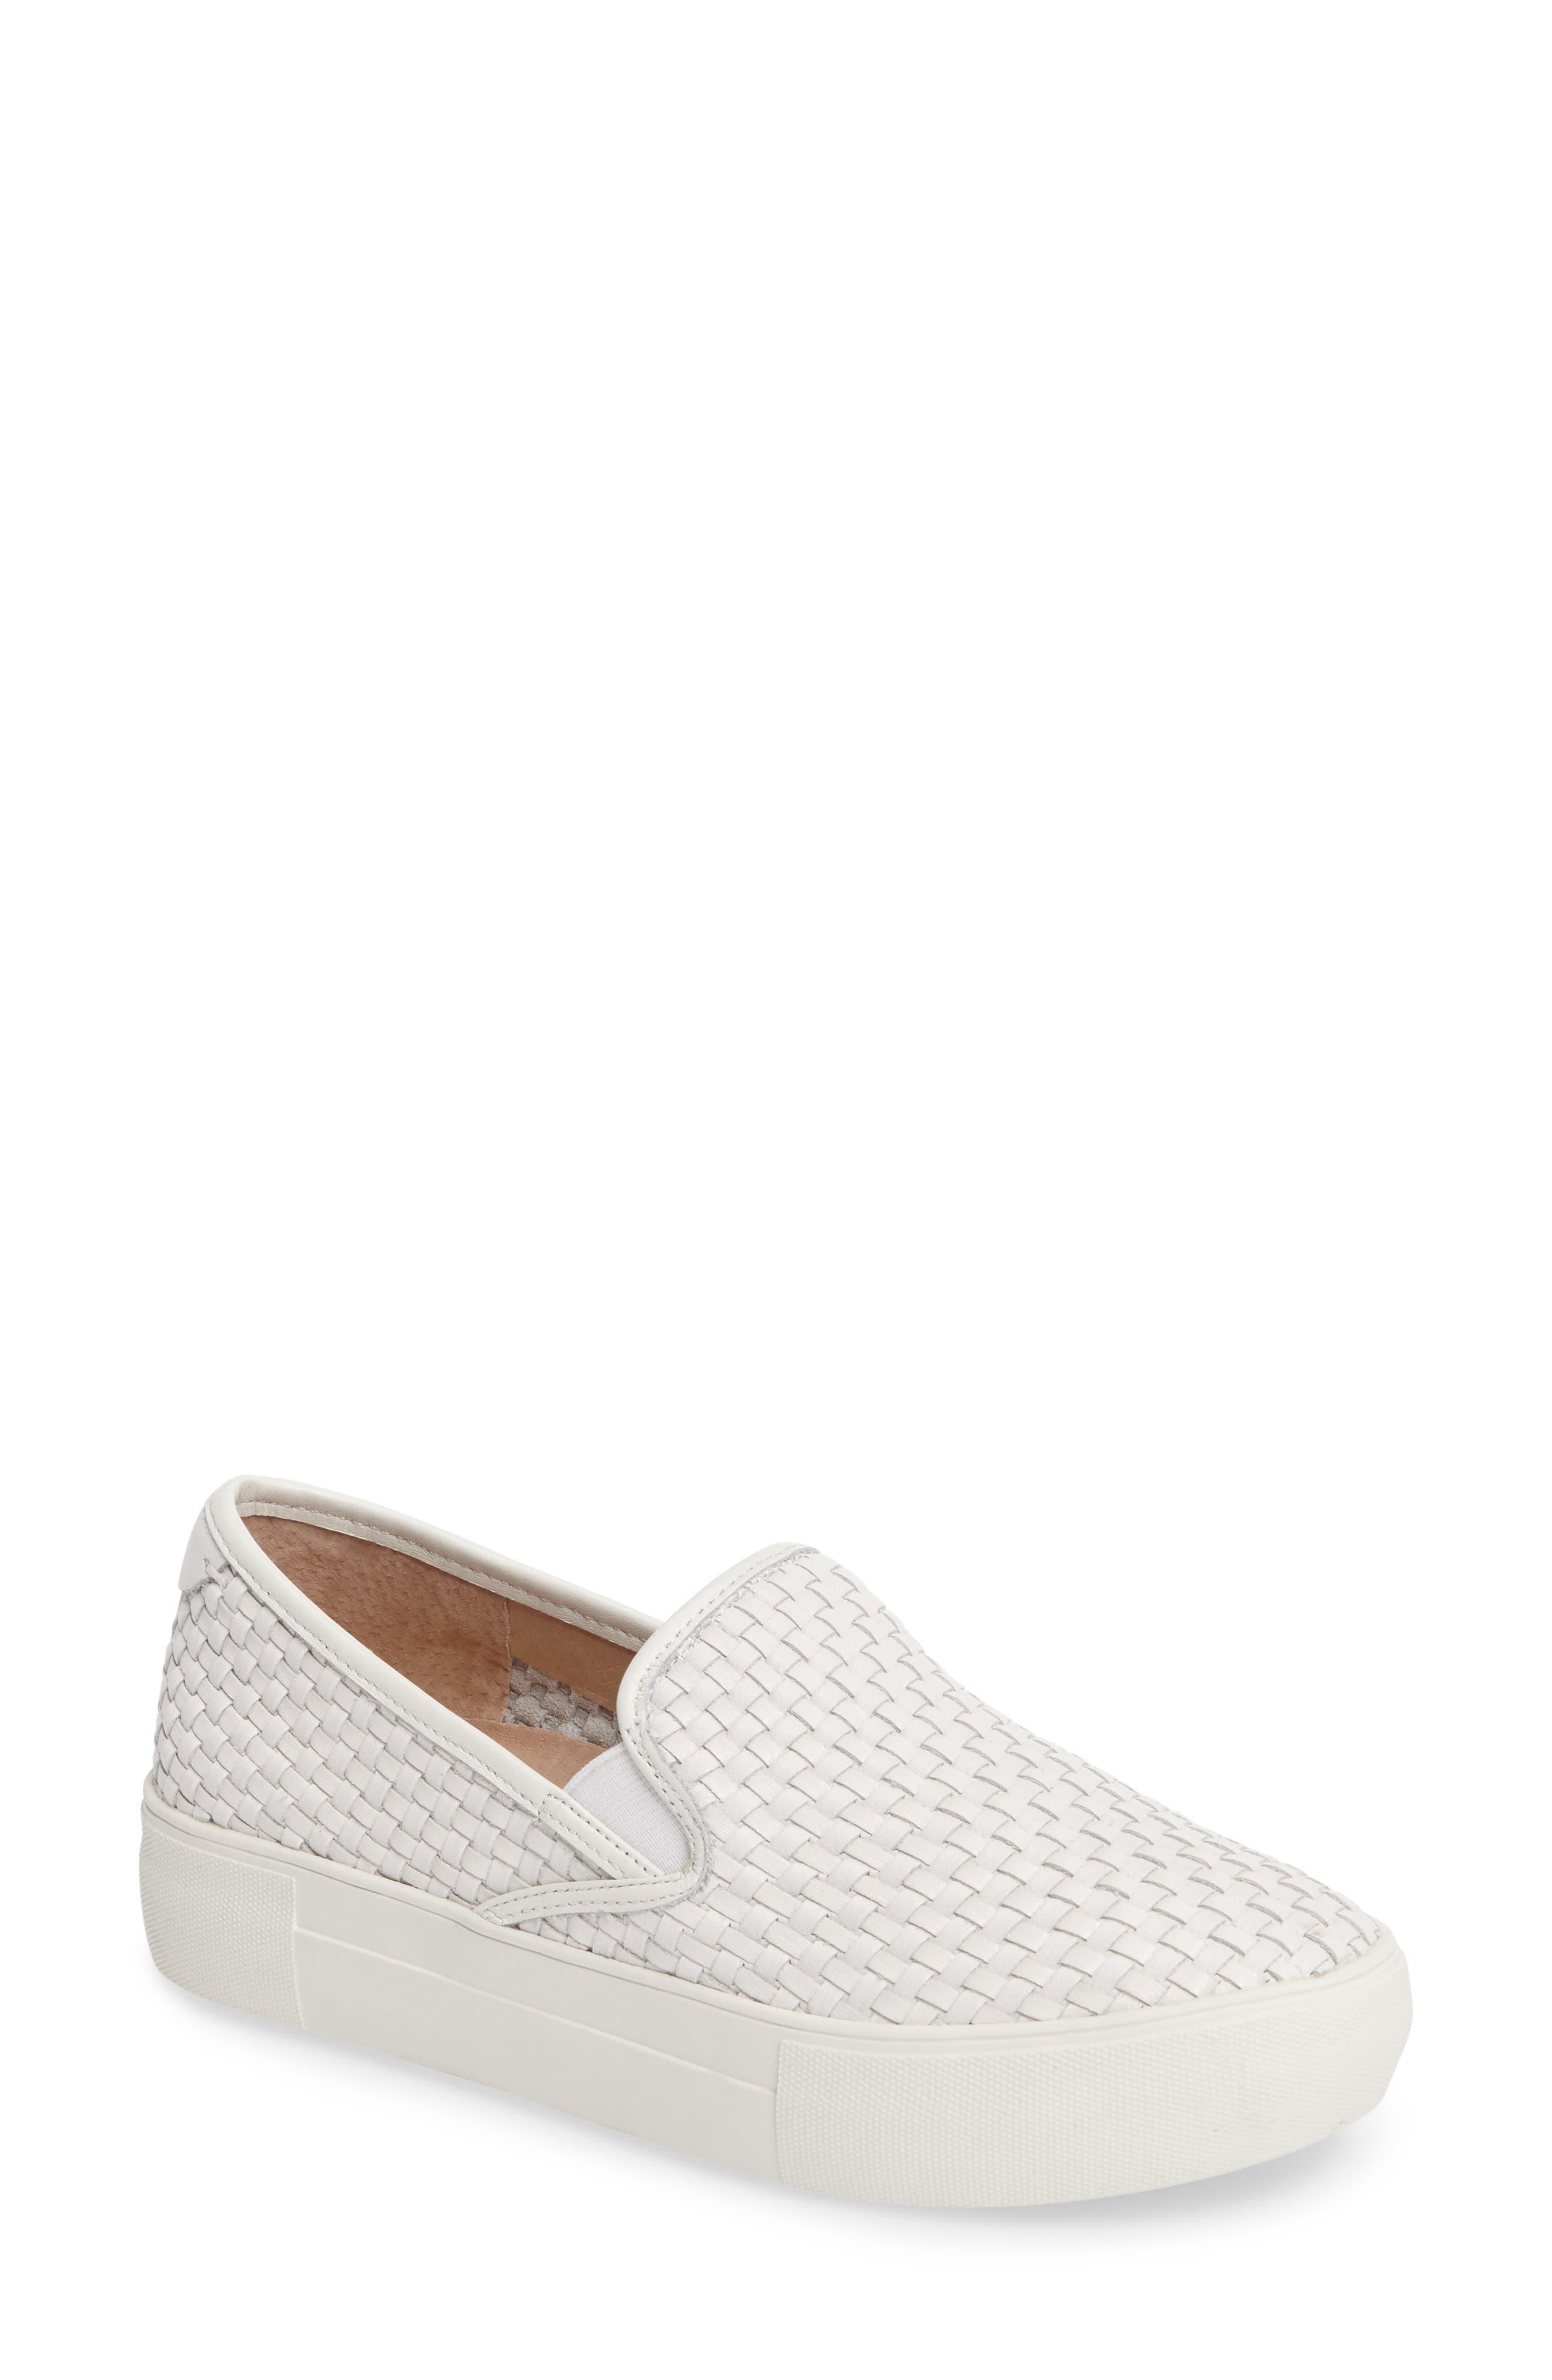 Alyssa Platform Slip-On Sneaker,                             Main thumbnail 1, color,                             White Leather